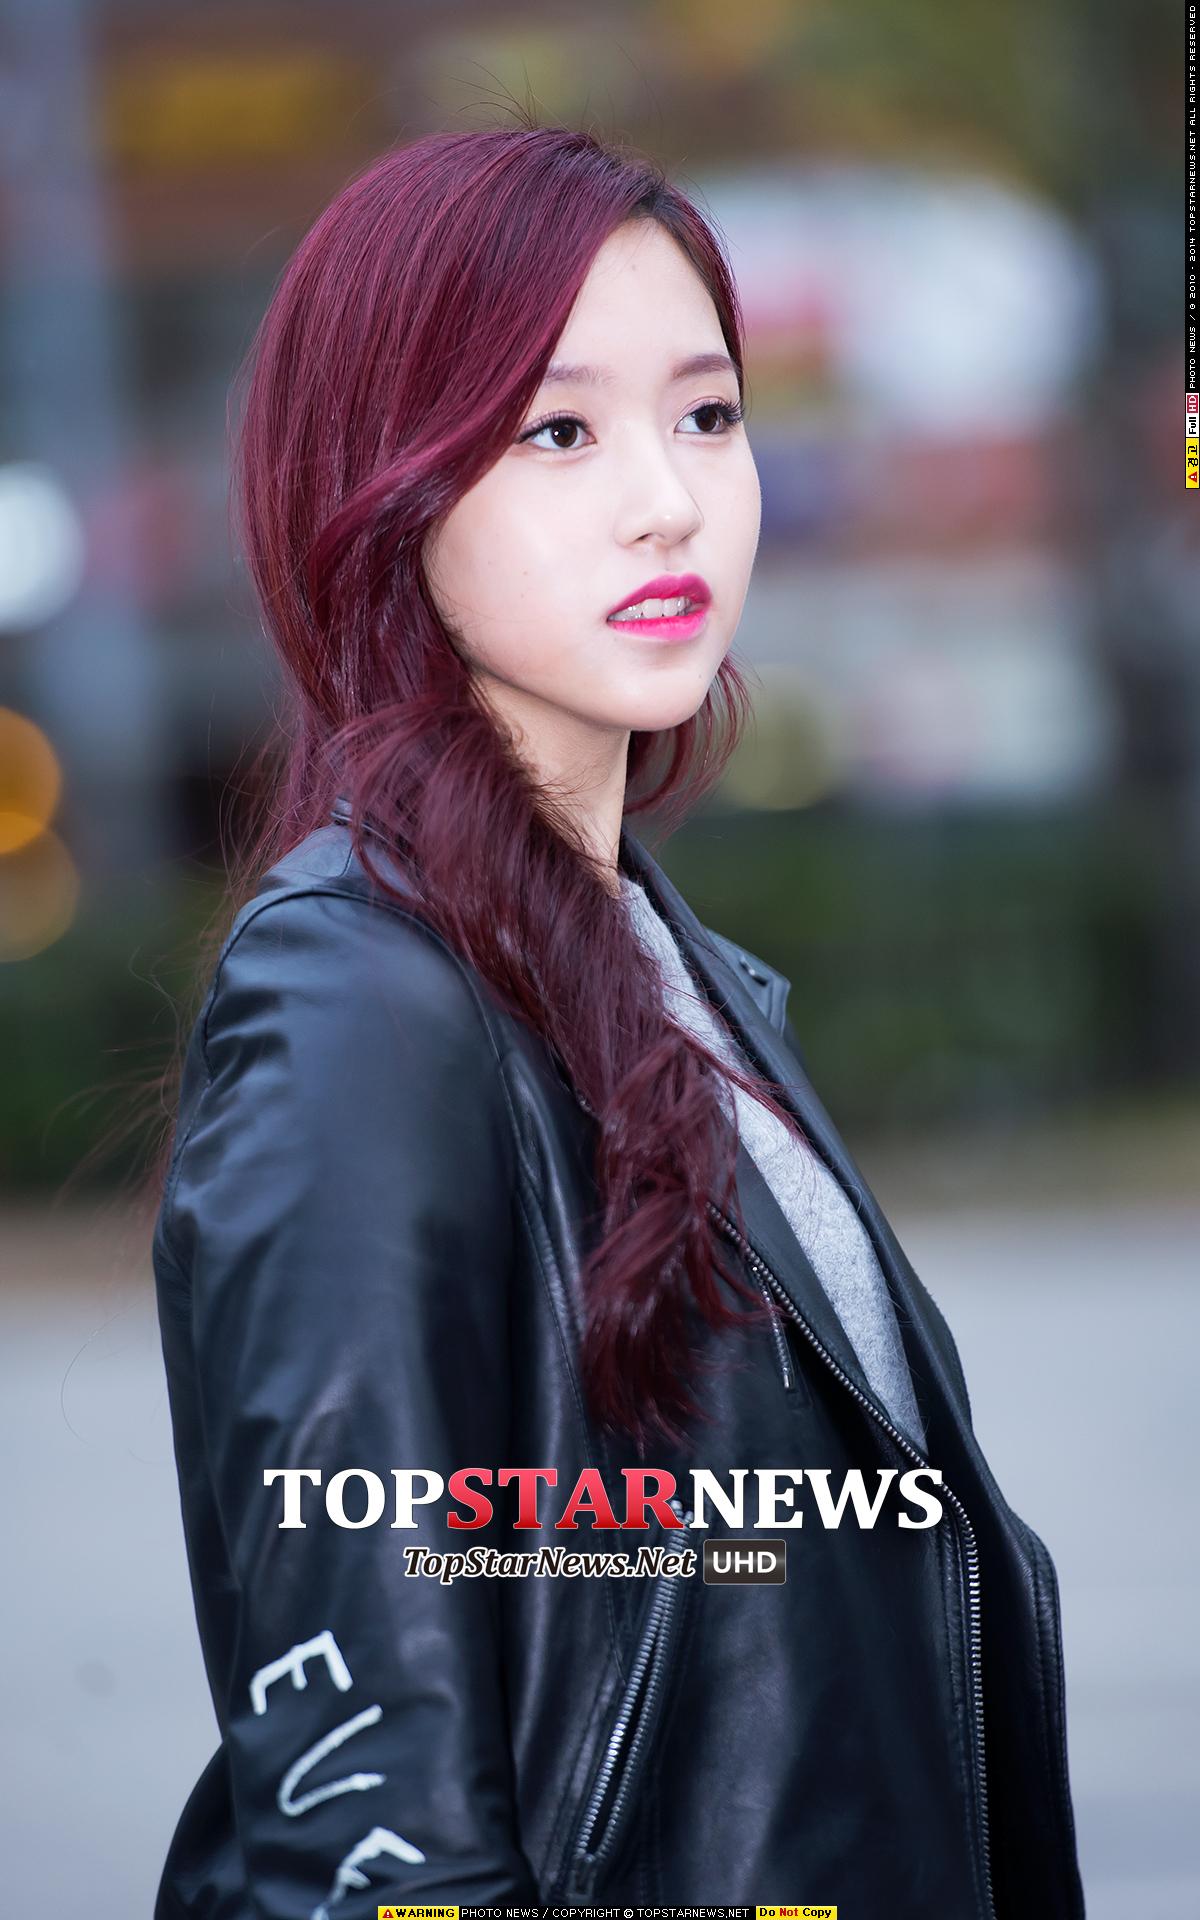 簡單的打底衫和皮衣外套,看似酷帥的打扮襯托得Mina美貌更加動人! 大家發現了沒?Mina的眉色和唇色都有跟髮色很搭配啊!